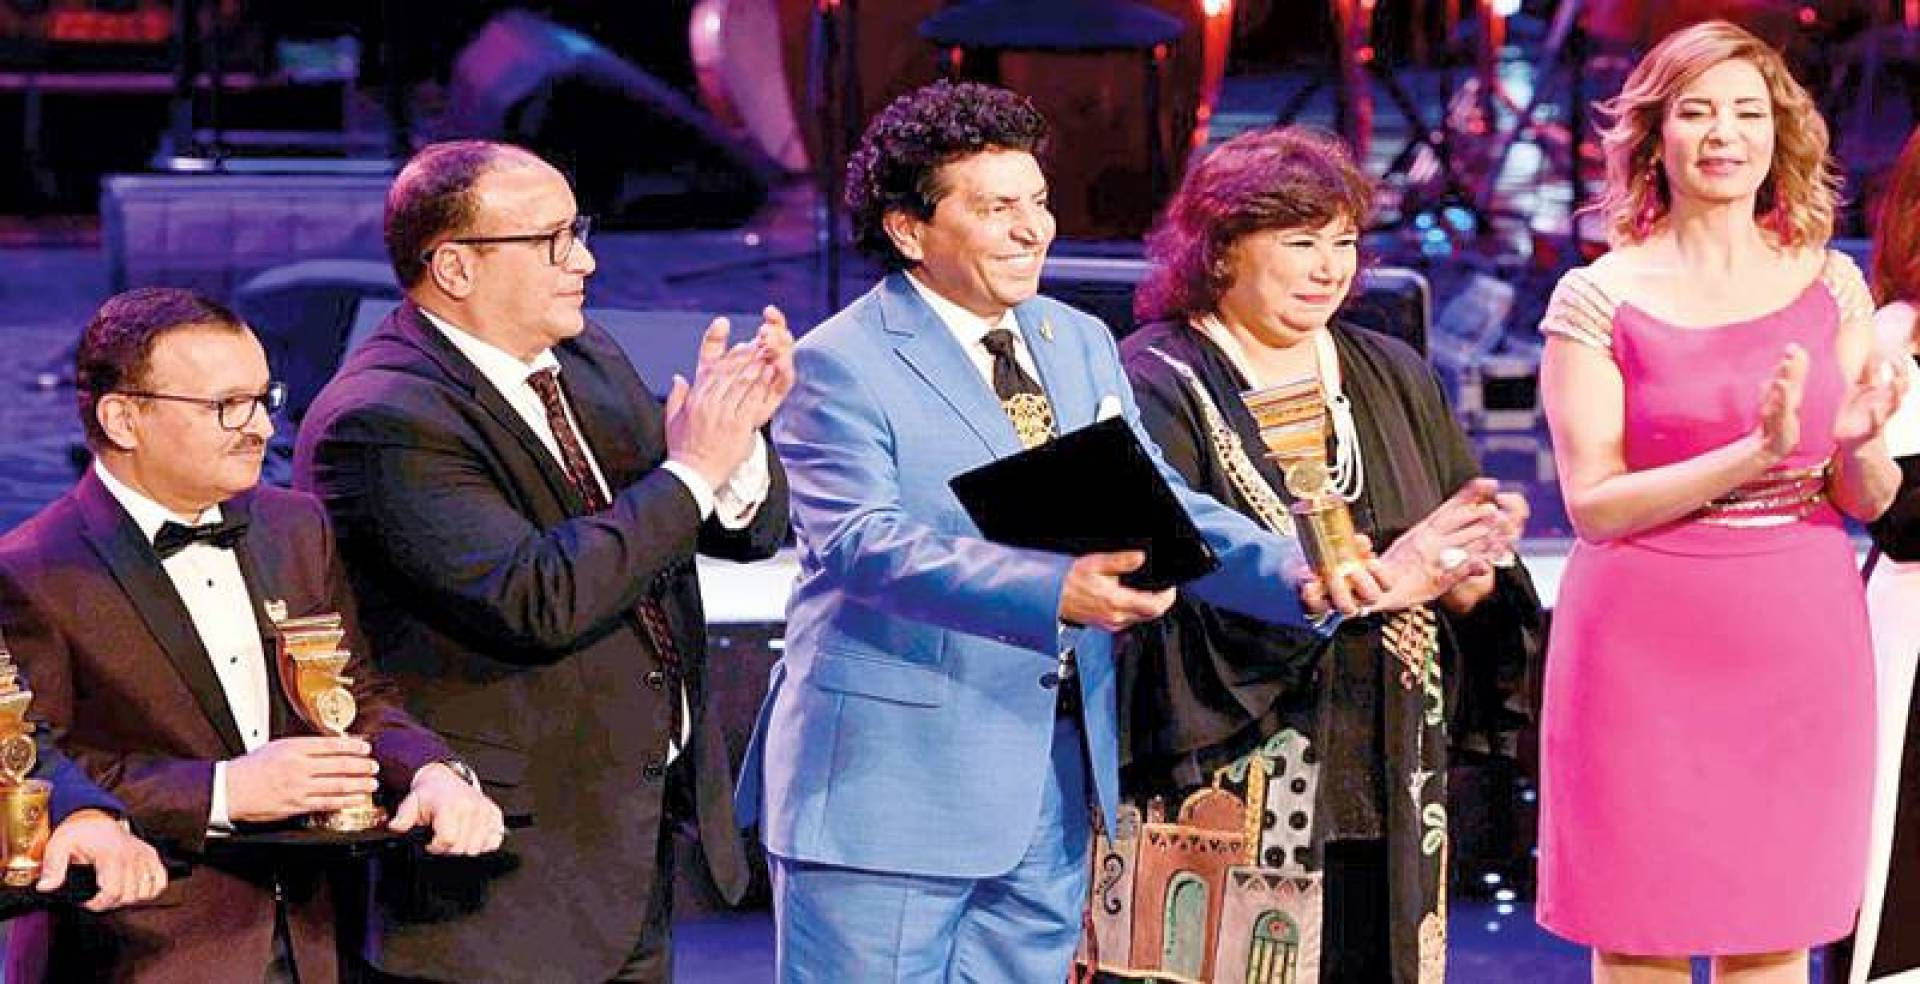 كريم العراقي يحيي الجمهور بعد تسلُّمه شهادة التكريم من وزيرة الثقافة المصرية